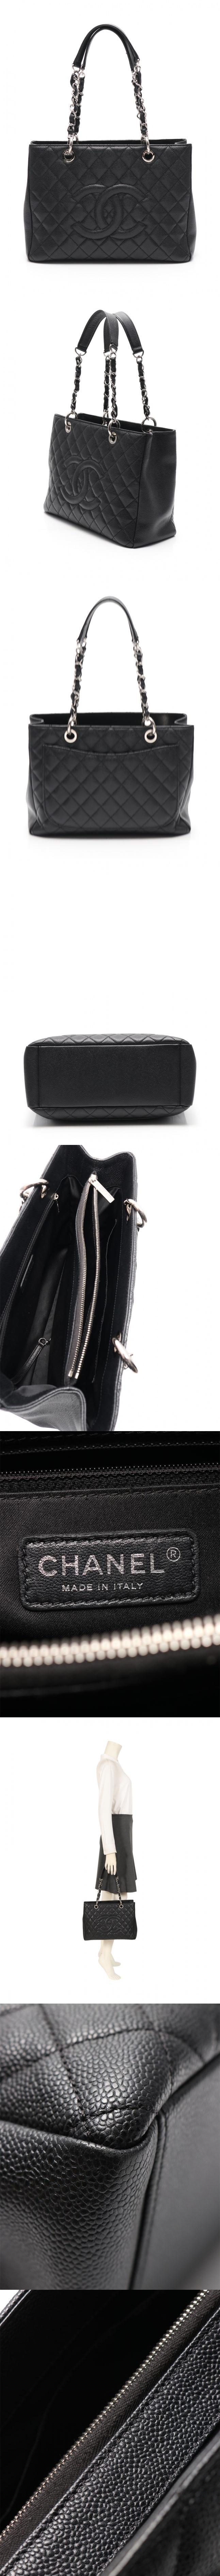 チェーントートバッグ マトラッセ GST グランドショッピング ココマーク 黒 A50995 キャビアスキン シルバー金具